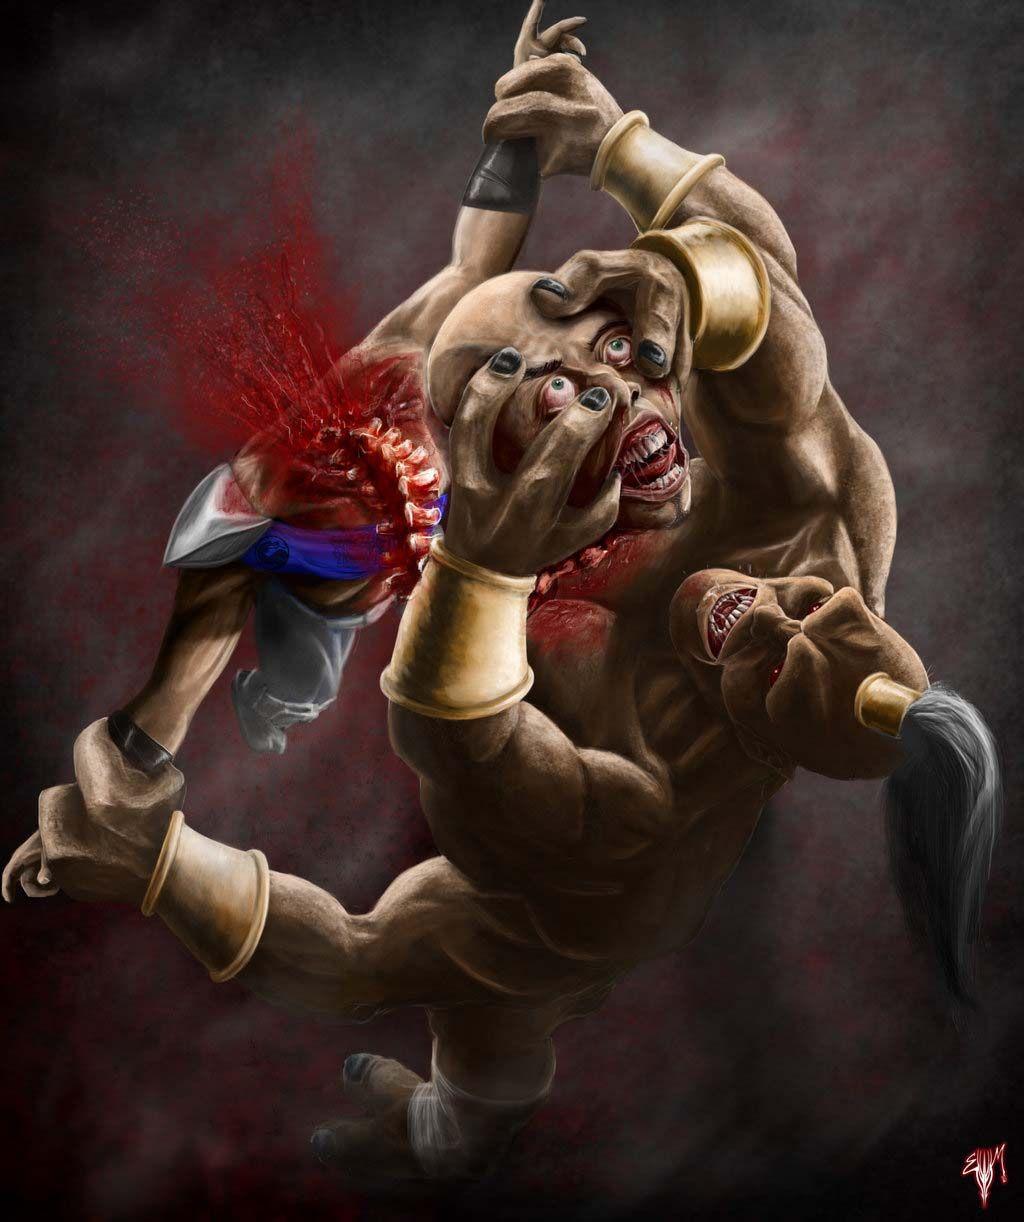 Mk Legacy Prince Goro Mortal Kombat Fan Art By Esau13 Mortal